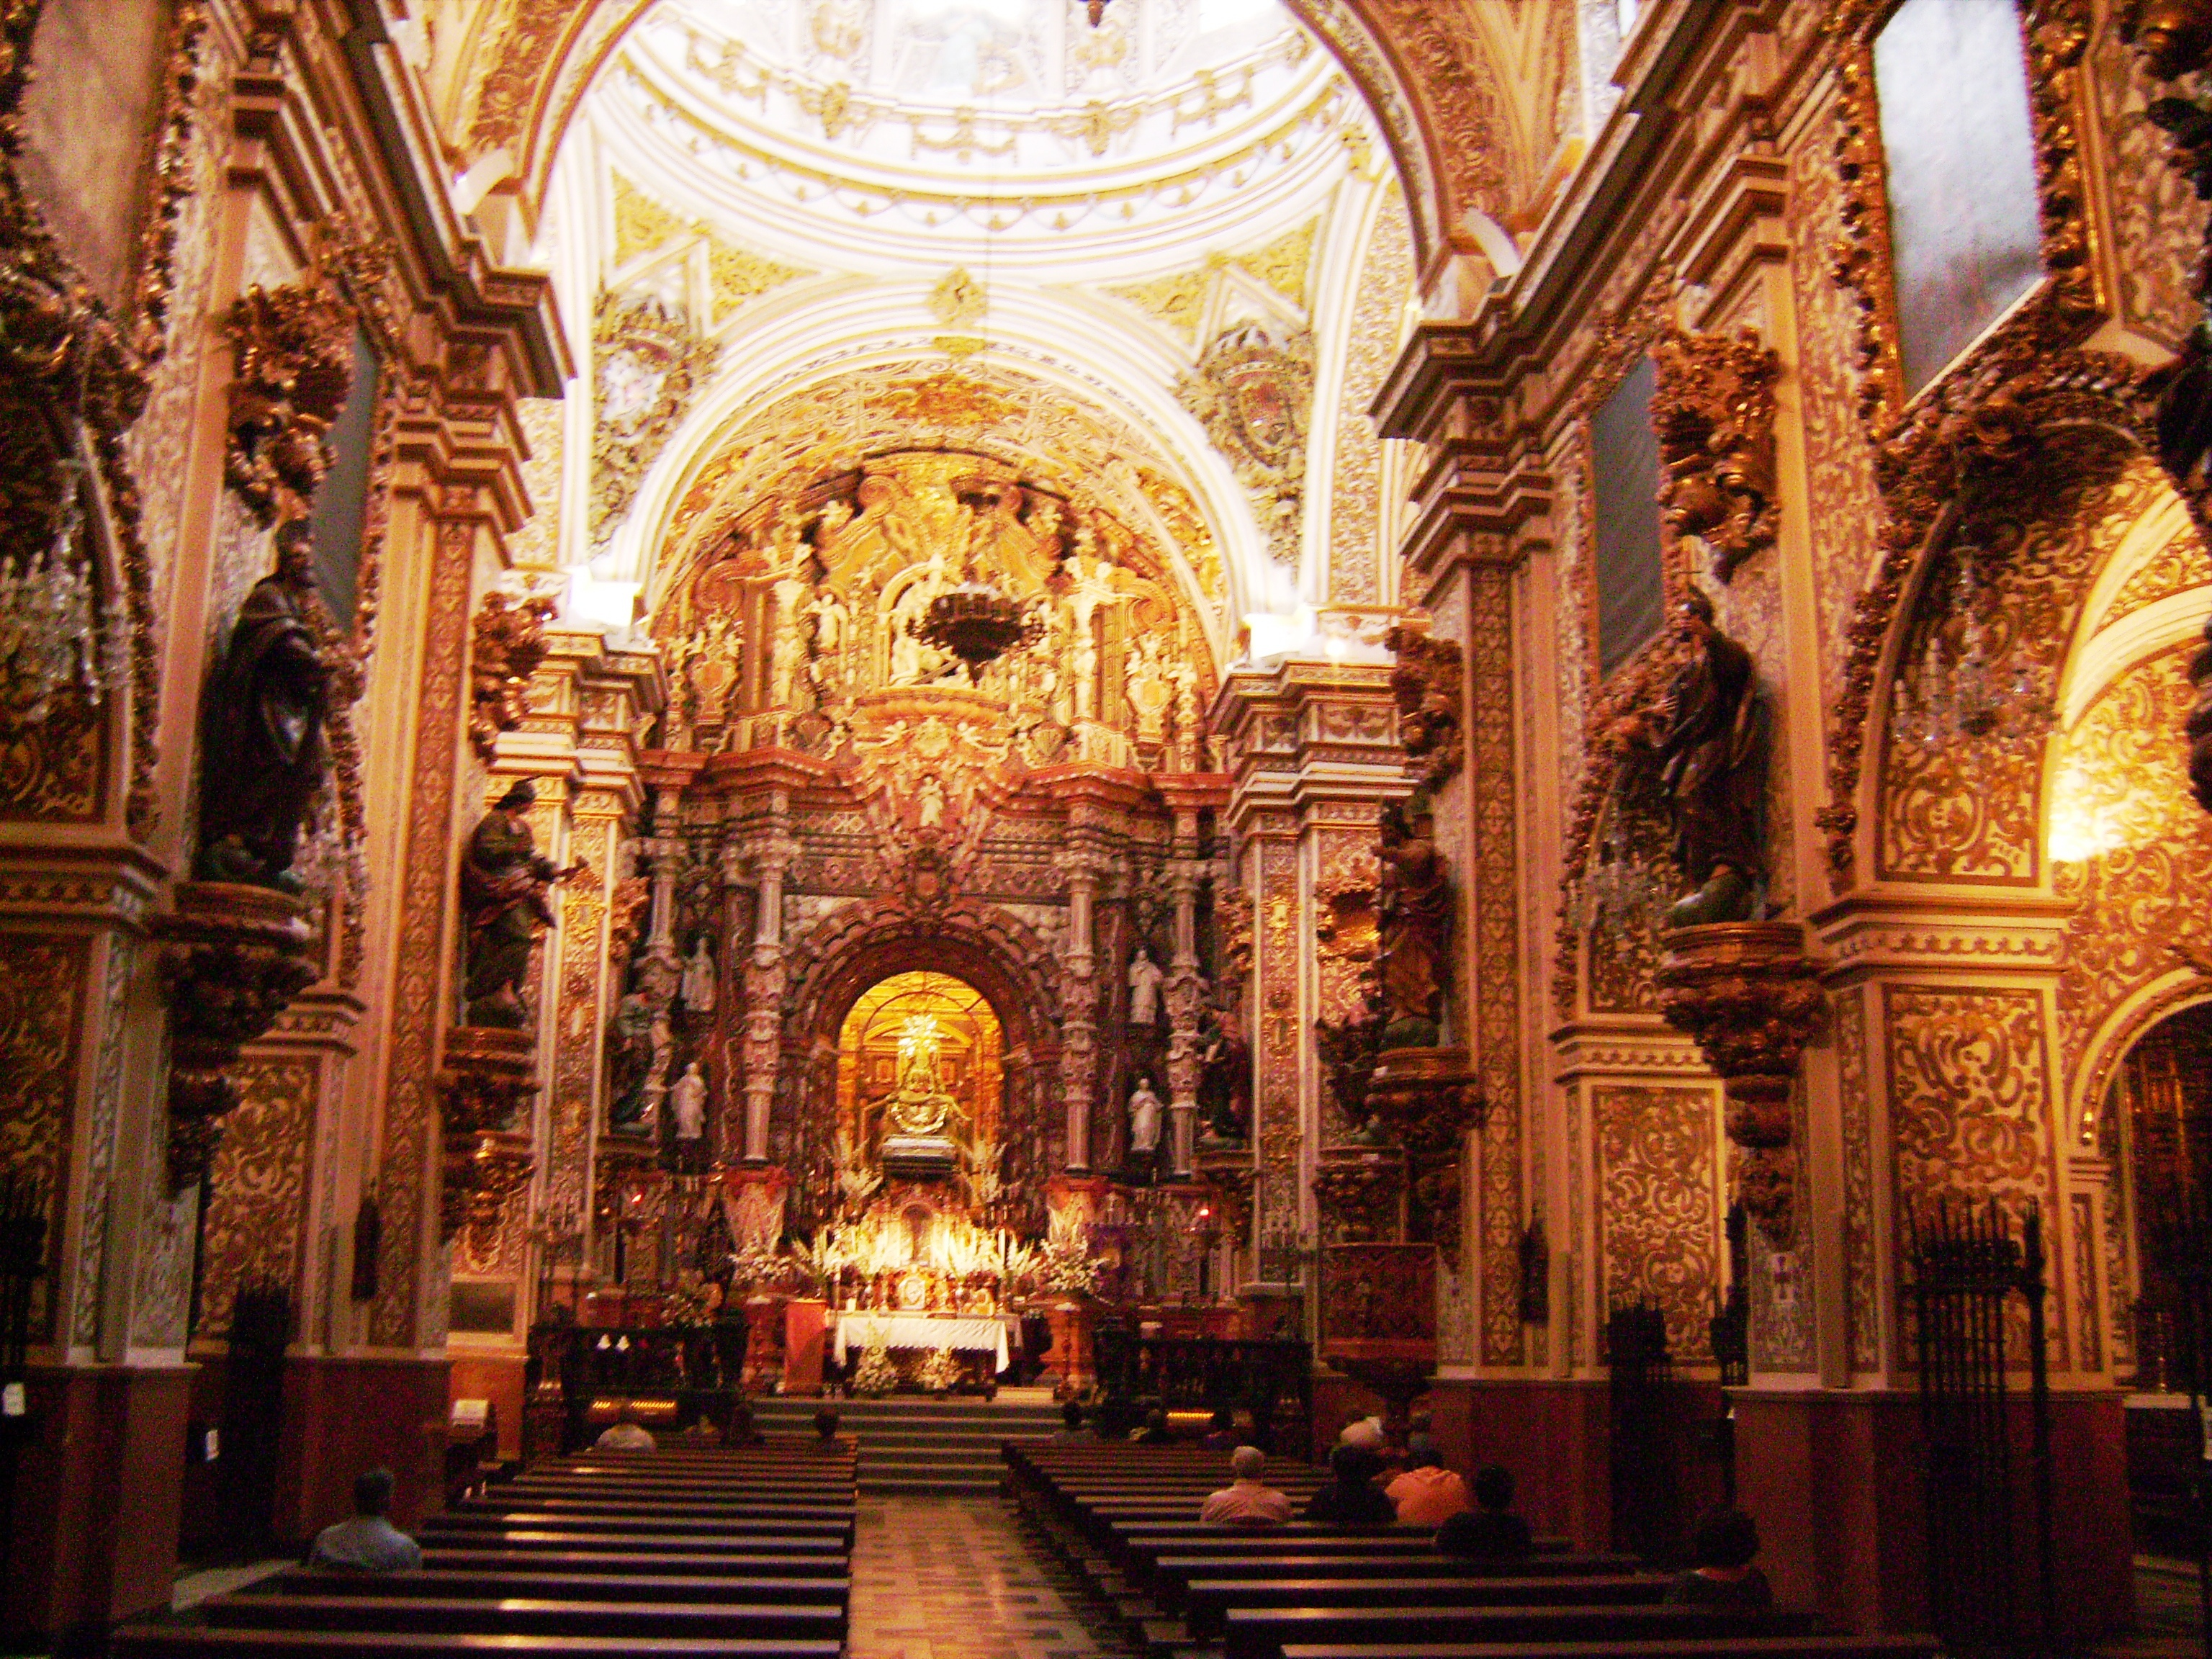 és itt található a város védőszentjének, Nuestra Señora de las Angustias-nak a szobra, akiről nem tudtuk kideríteni, ki is volt.